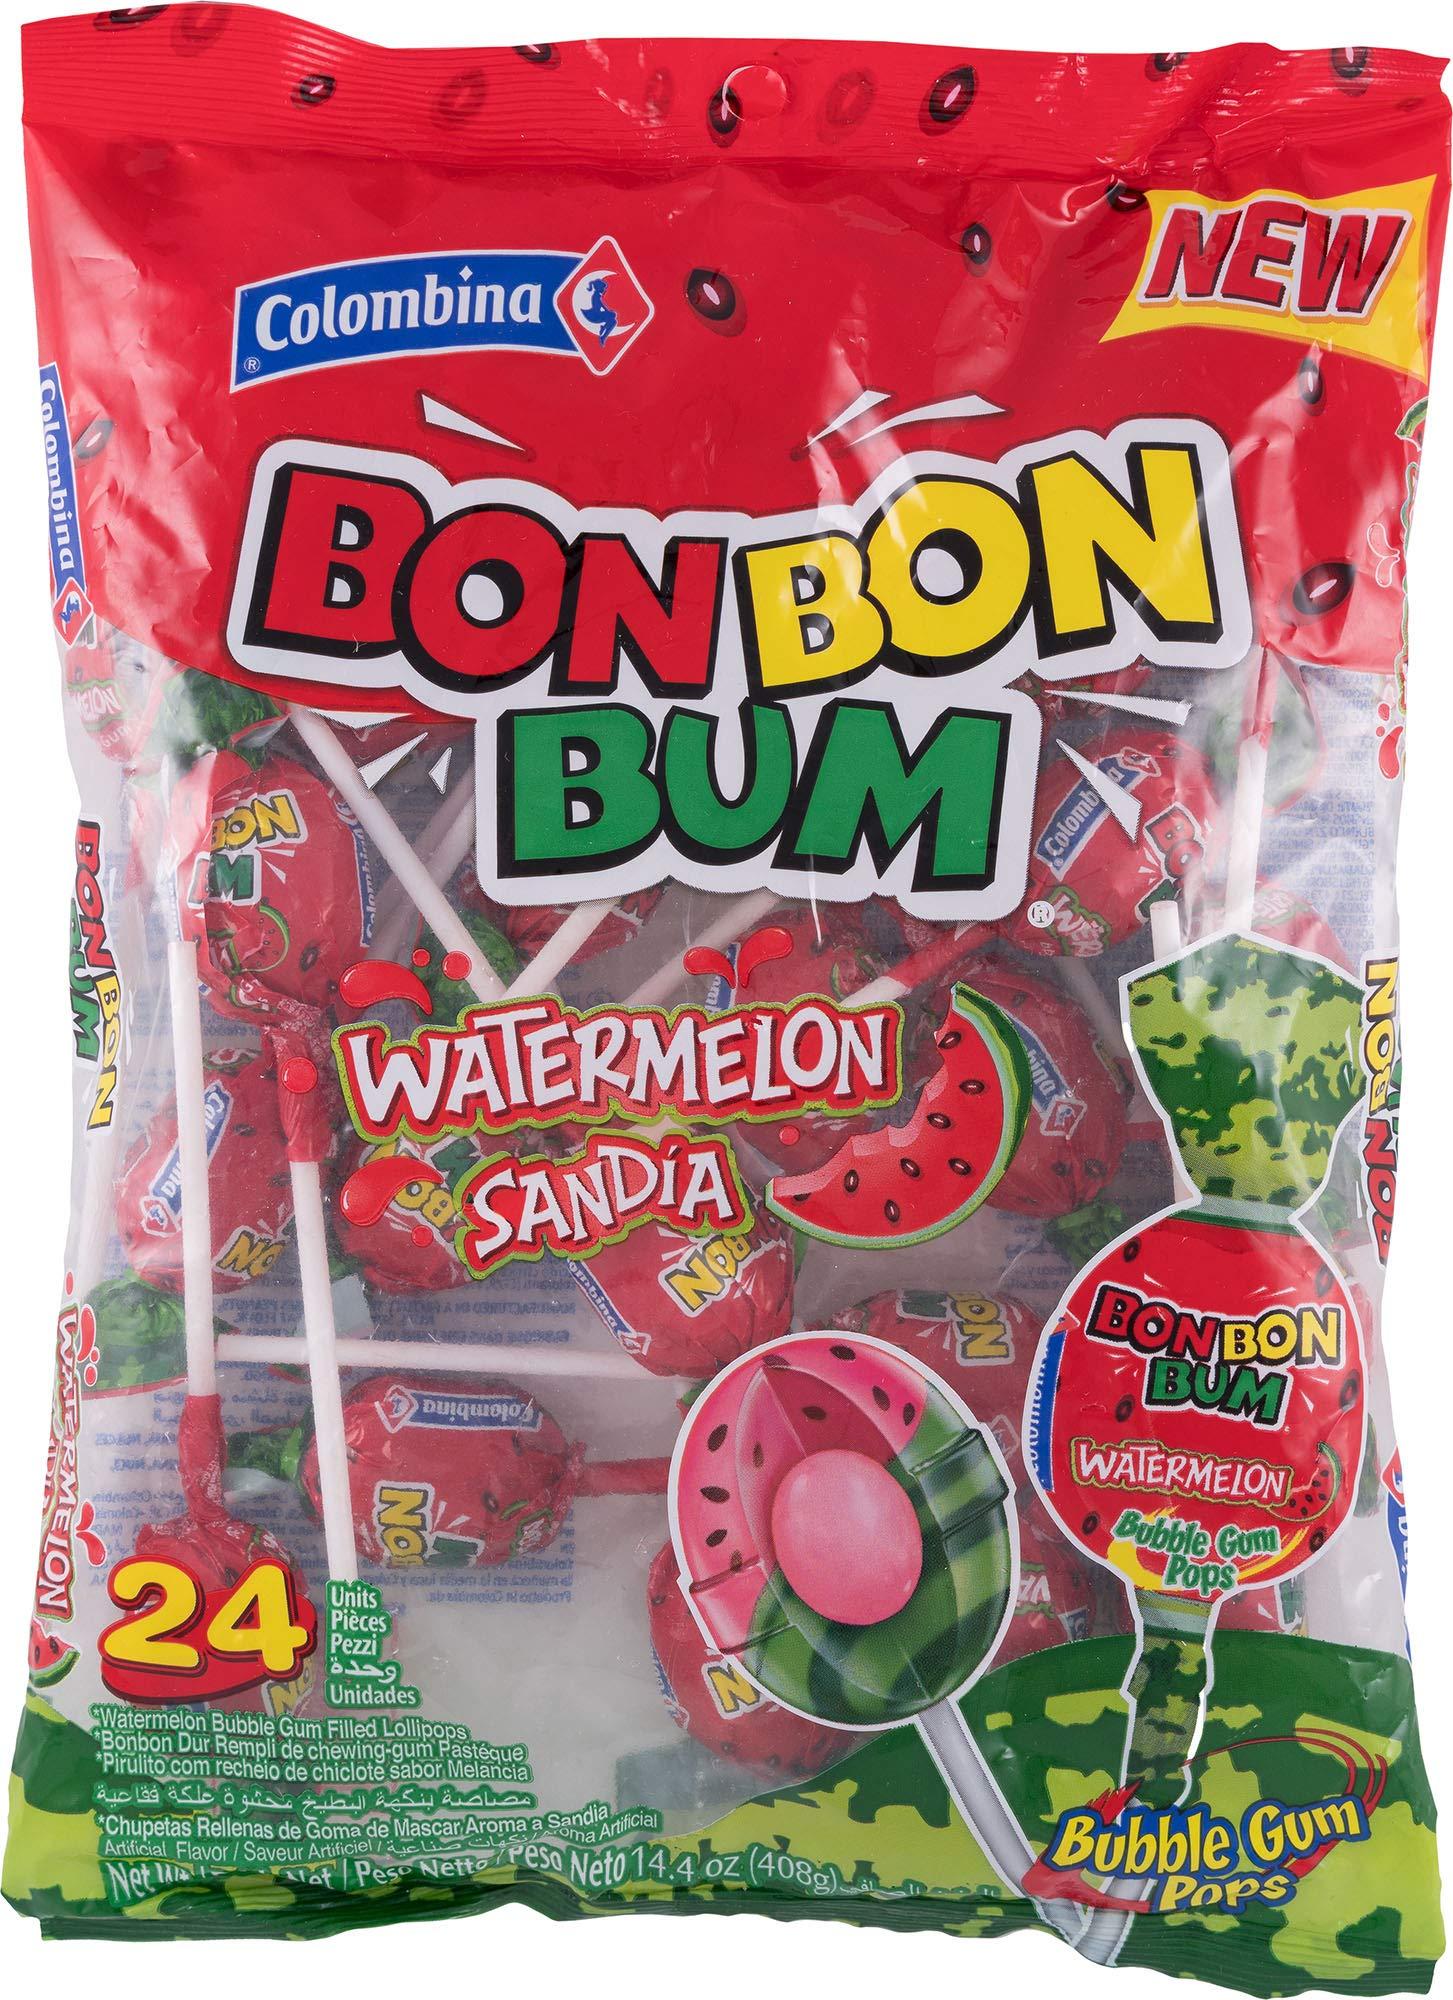 Colombina Bon Bon Bum Watermelon Bubble Gum Lollipops, Pack of 24 Bubble Gum Pops